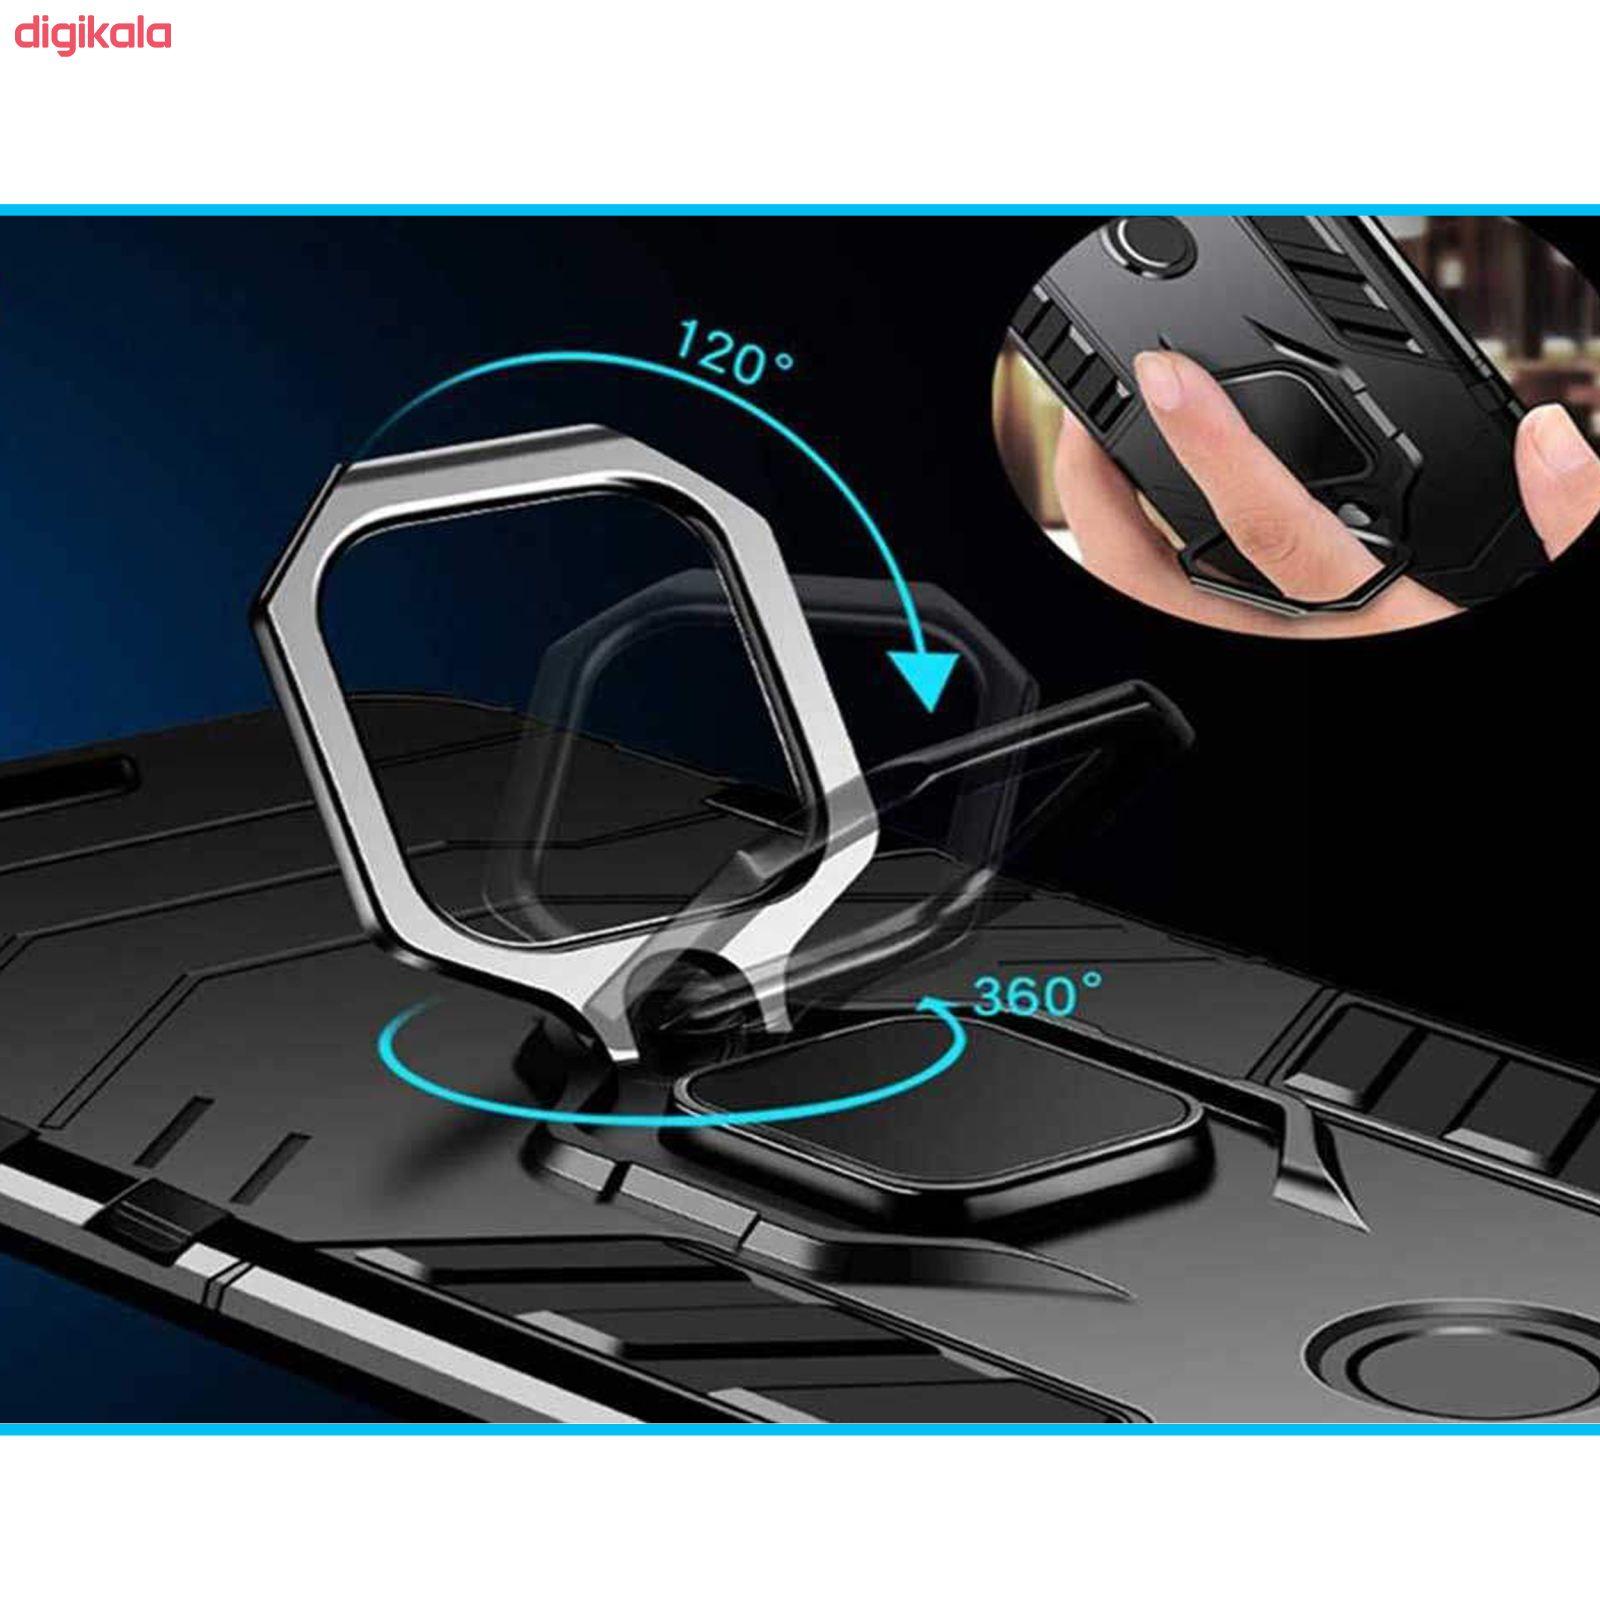 کاور کینگ پاور مدل ASH22 مناسب برای گوشی موبایل سامسونگ Galaxy A31 main 1 10